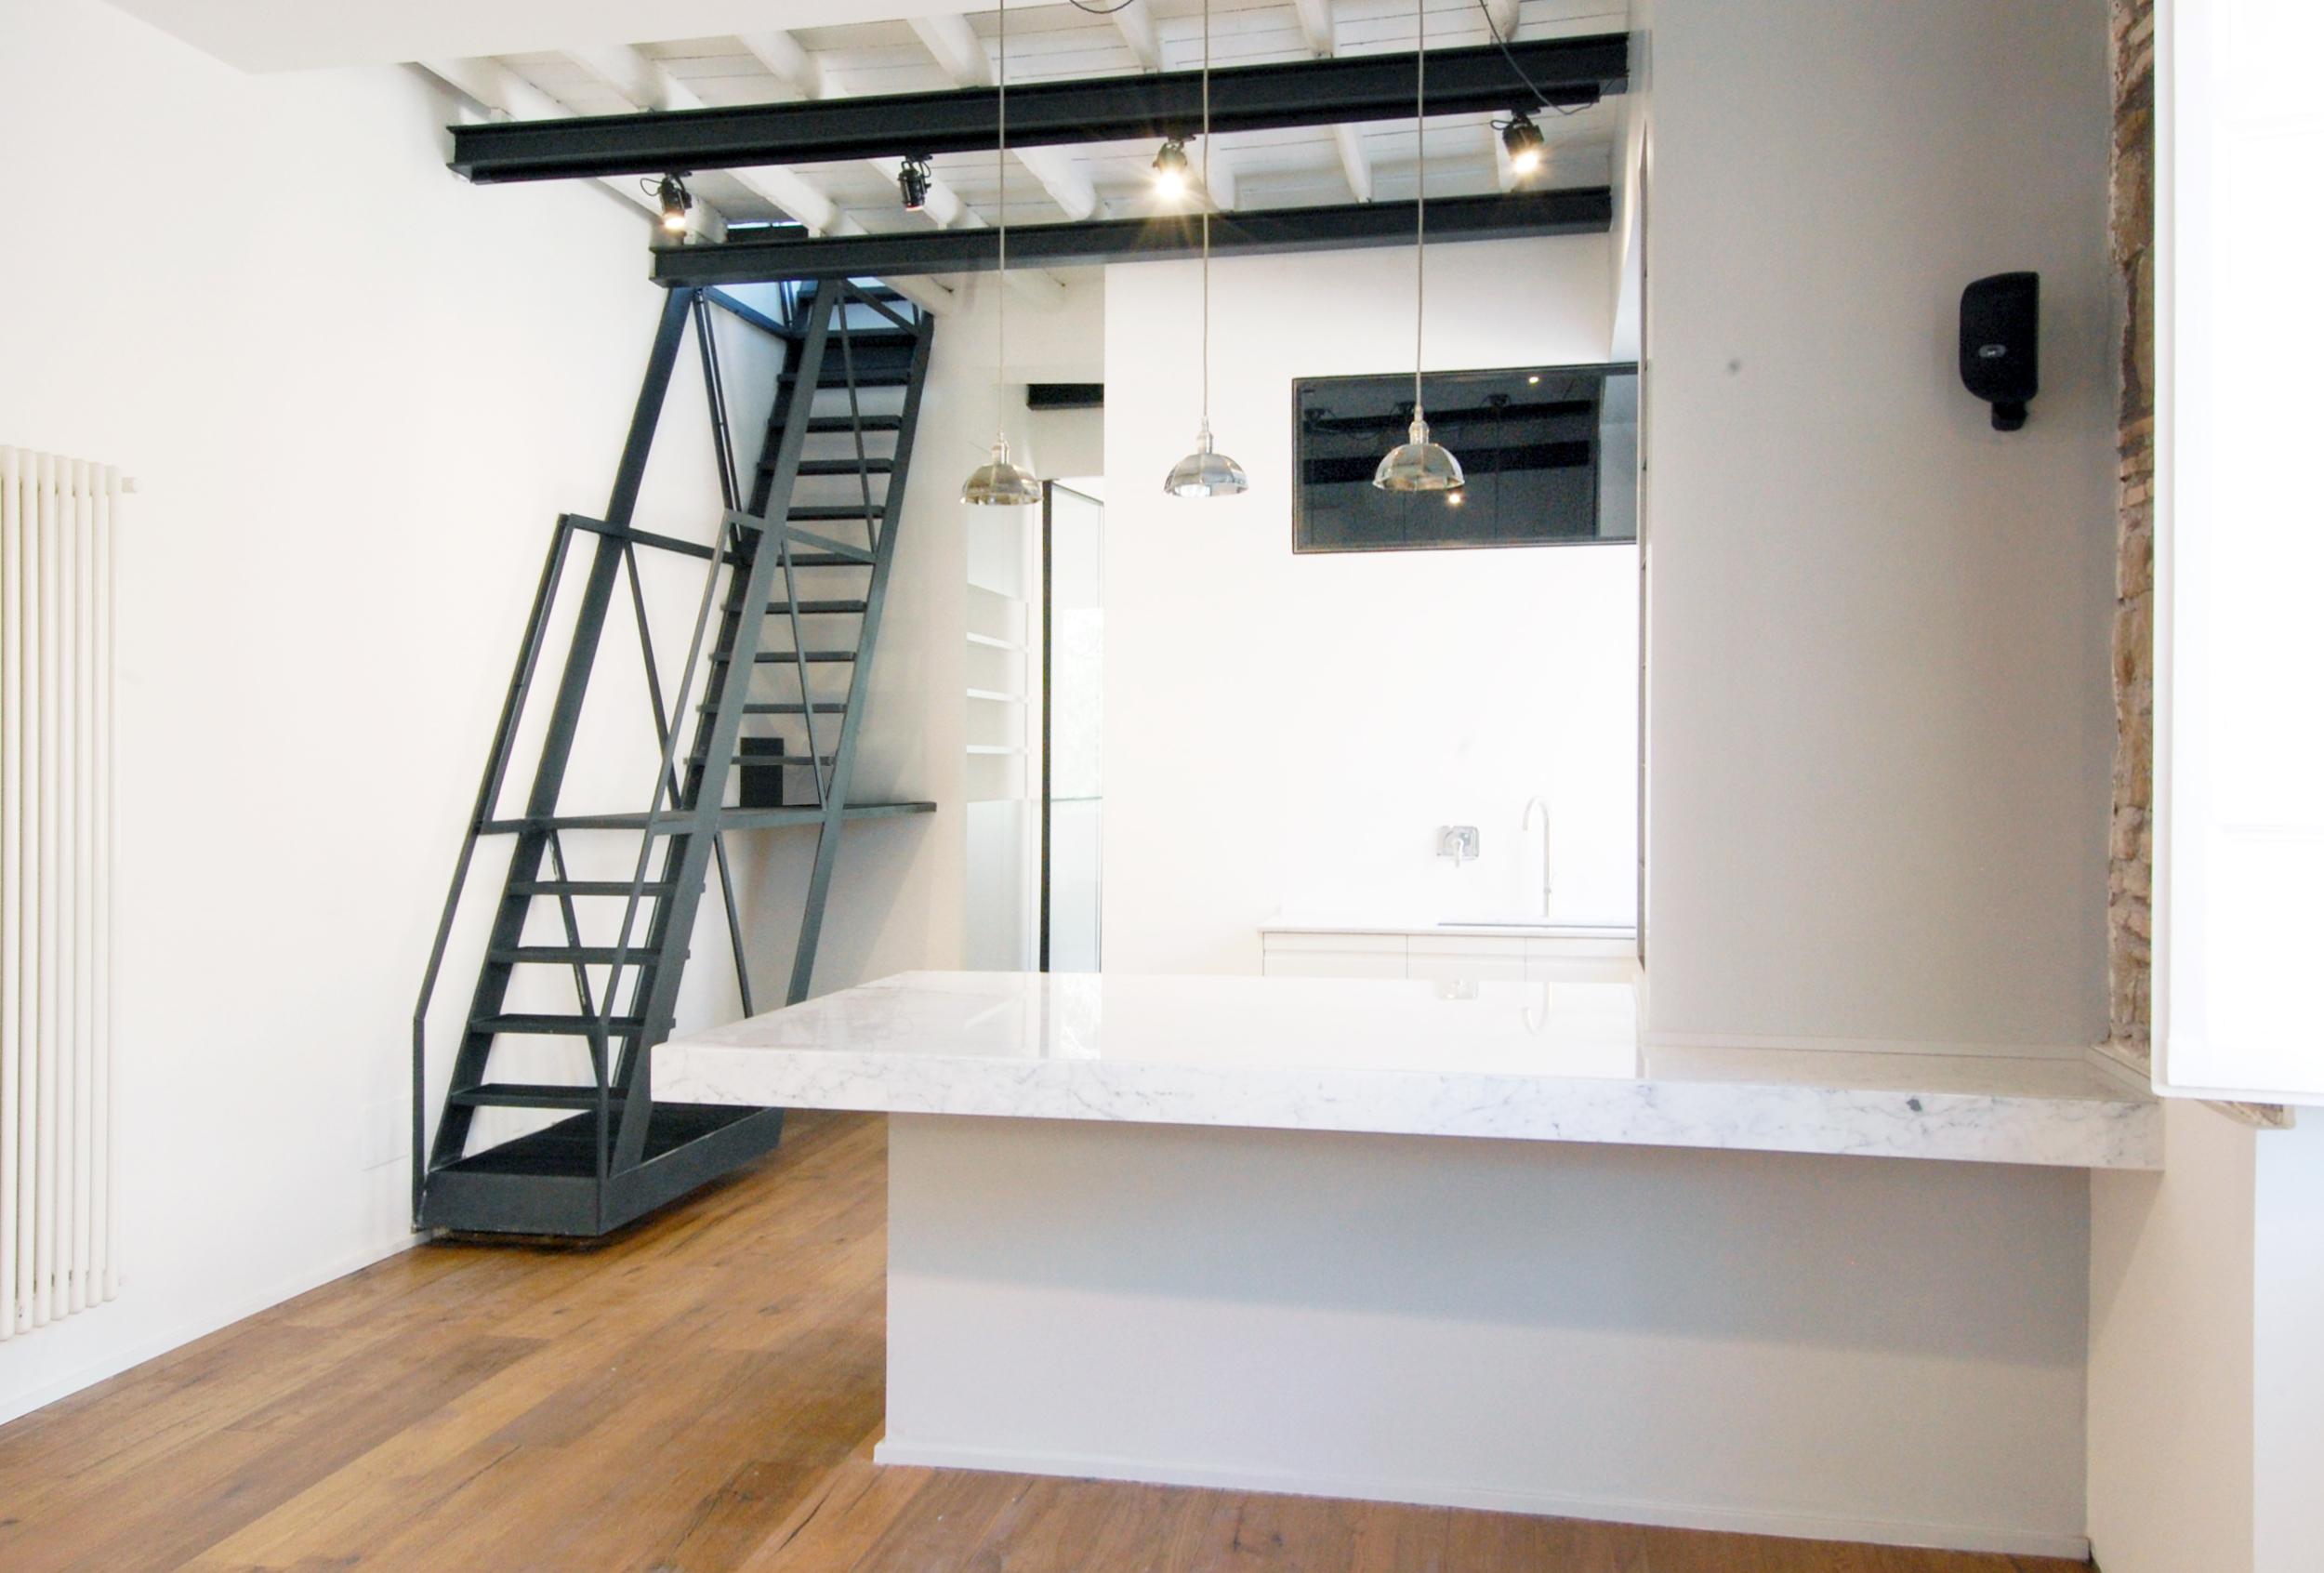 Appena entrati, con il piano in marmo a fare da tavolo in grado di accogliere fino a otto persone a la scala in ferro, un traliccio metallico sospeso che accompagna fino alla terrazza superiore.